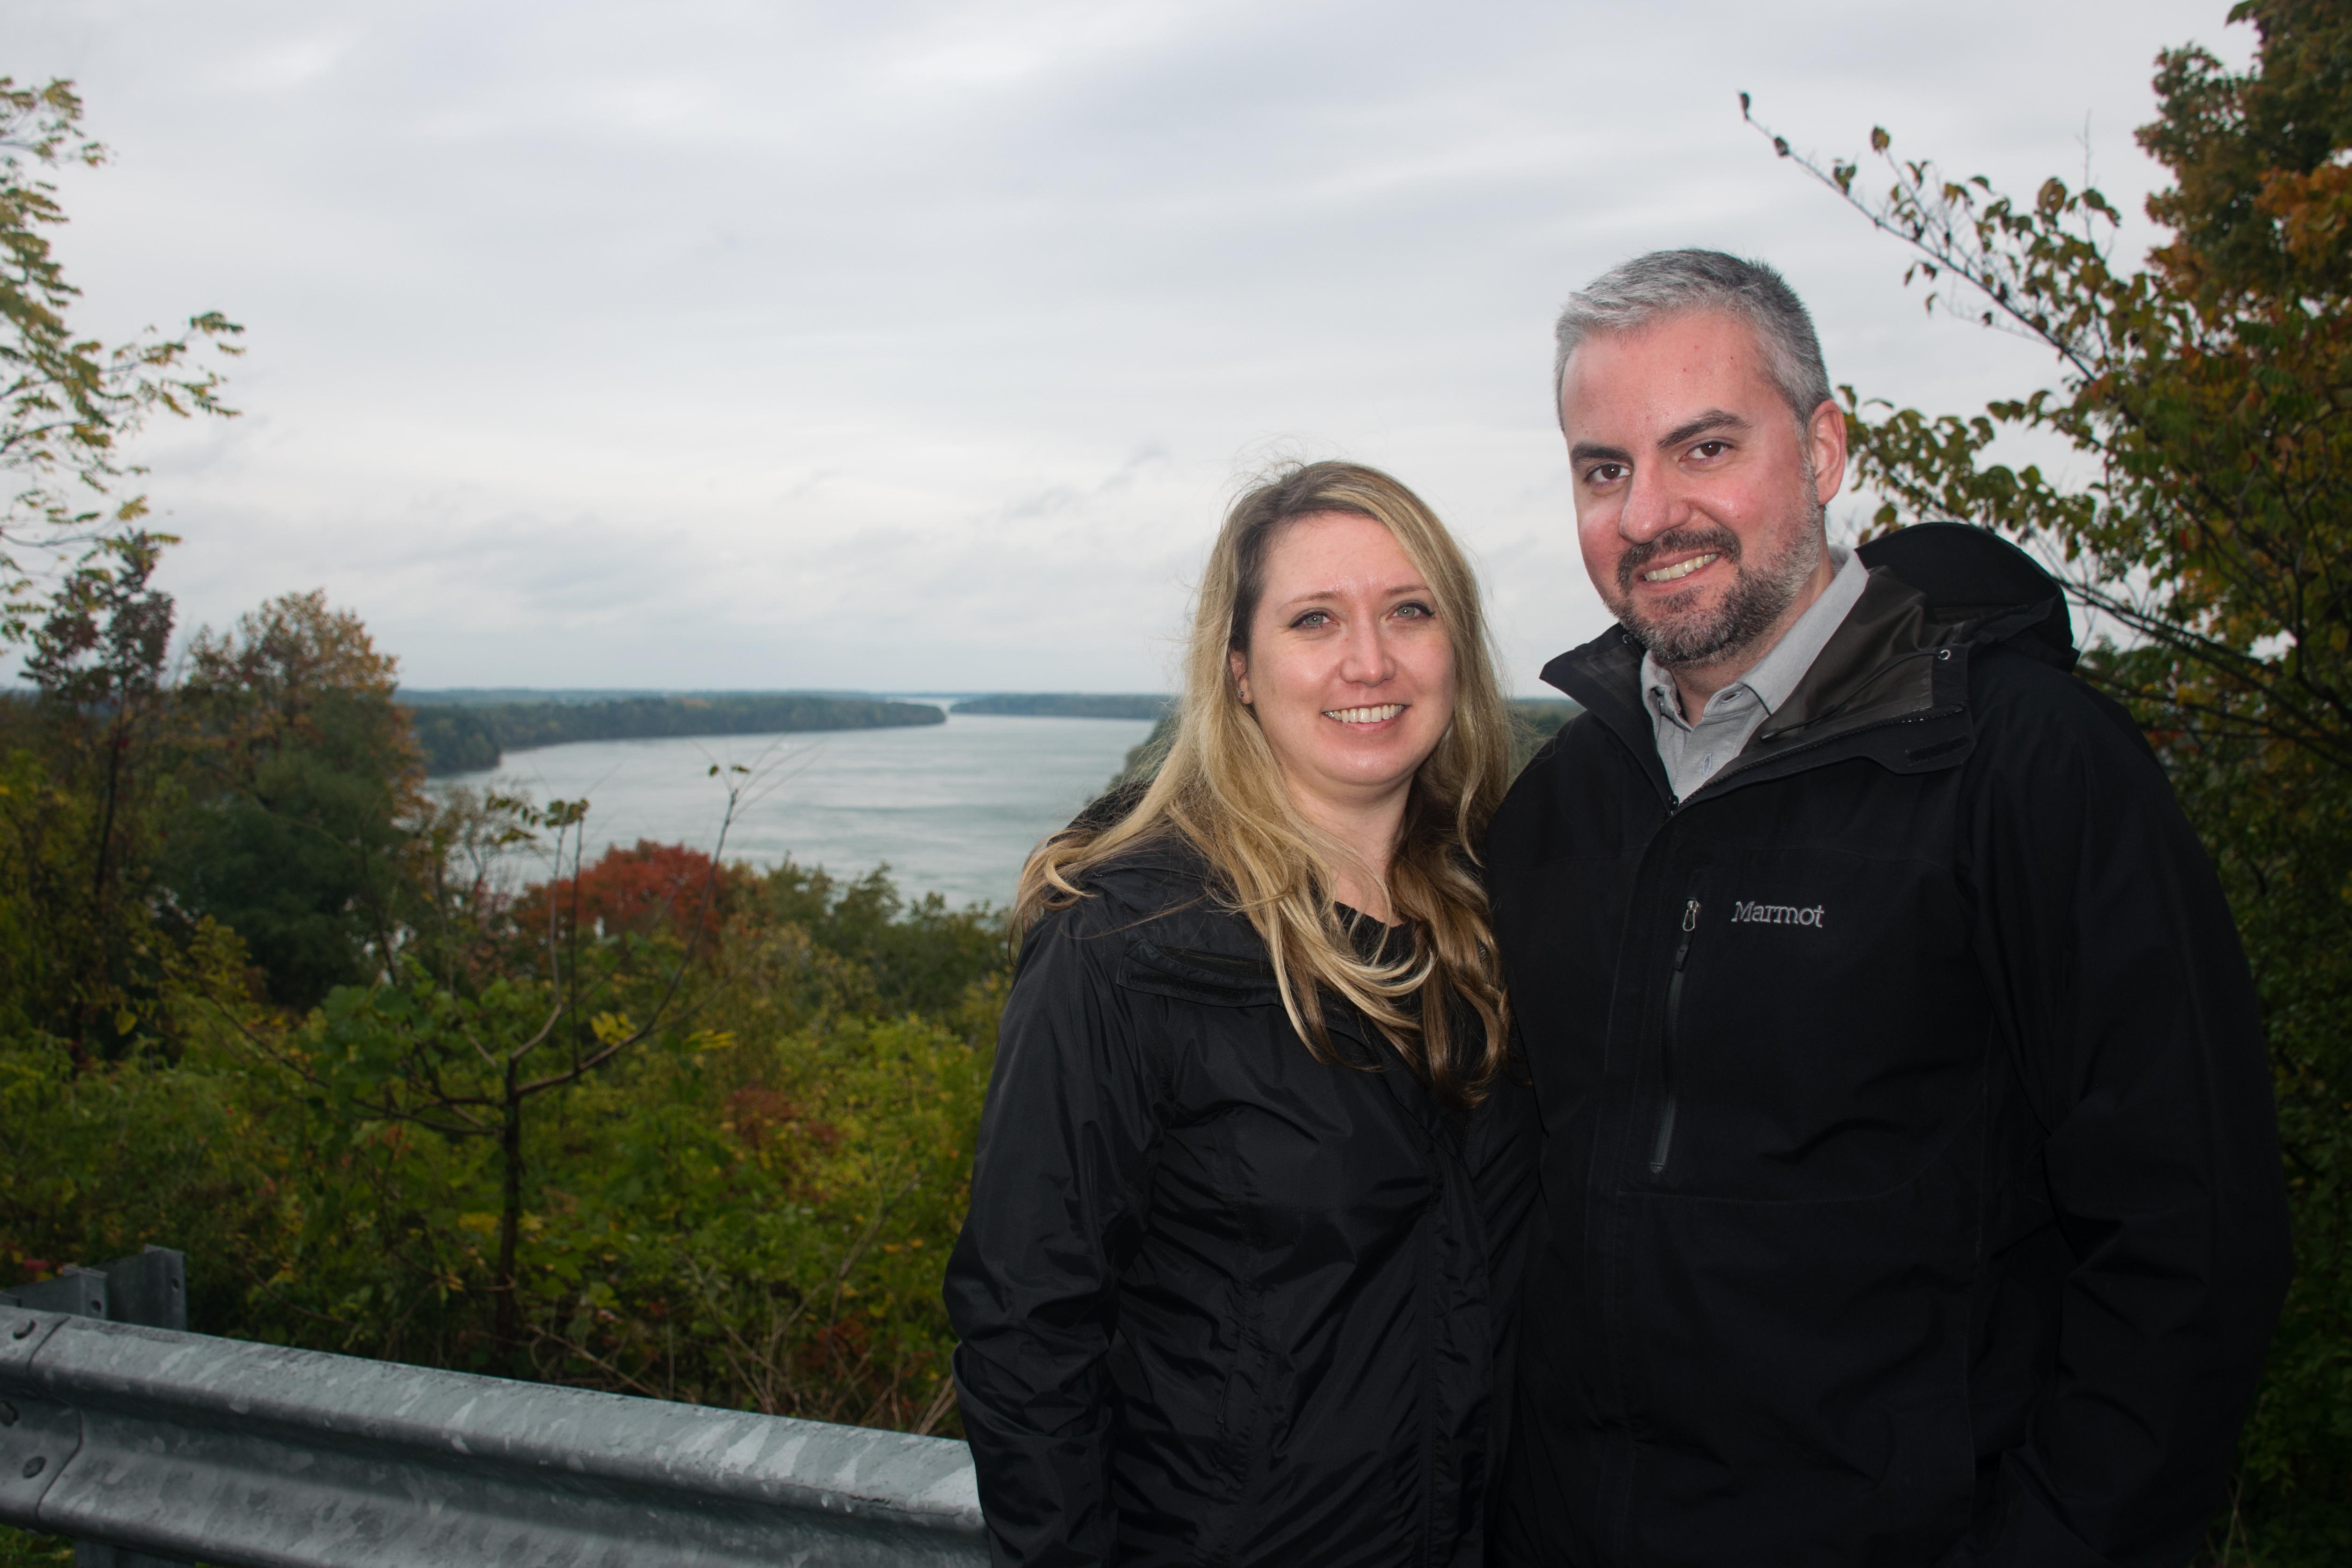 Kerry & Mark, Niagara on the Lake